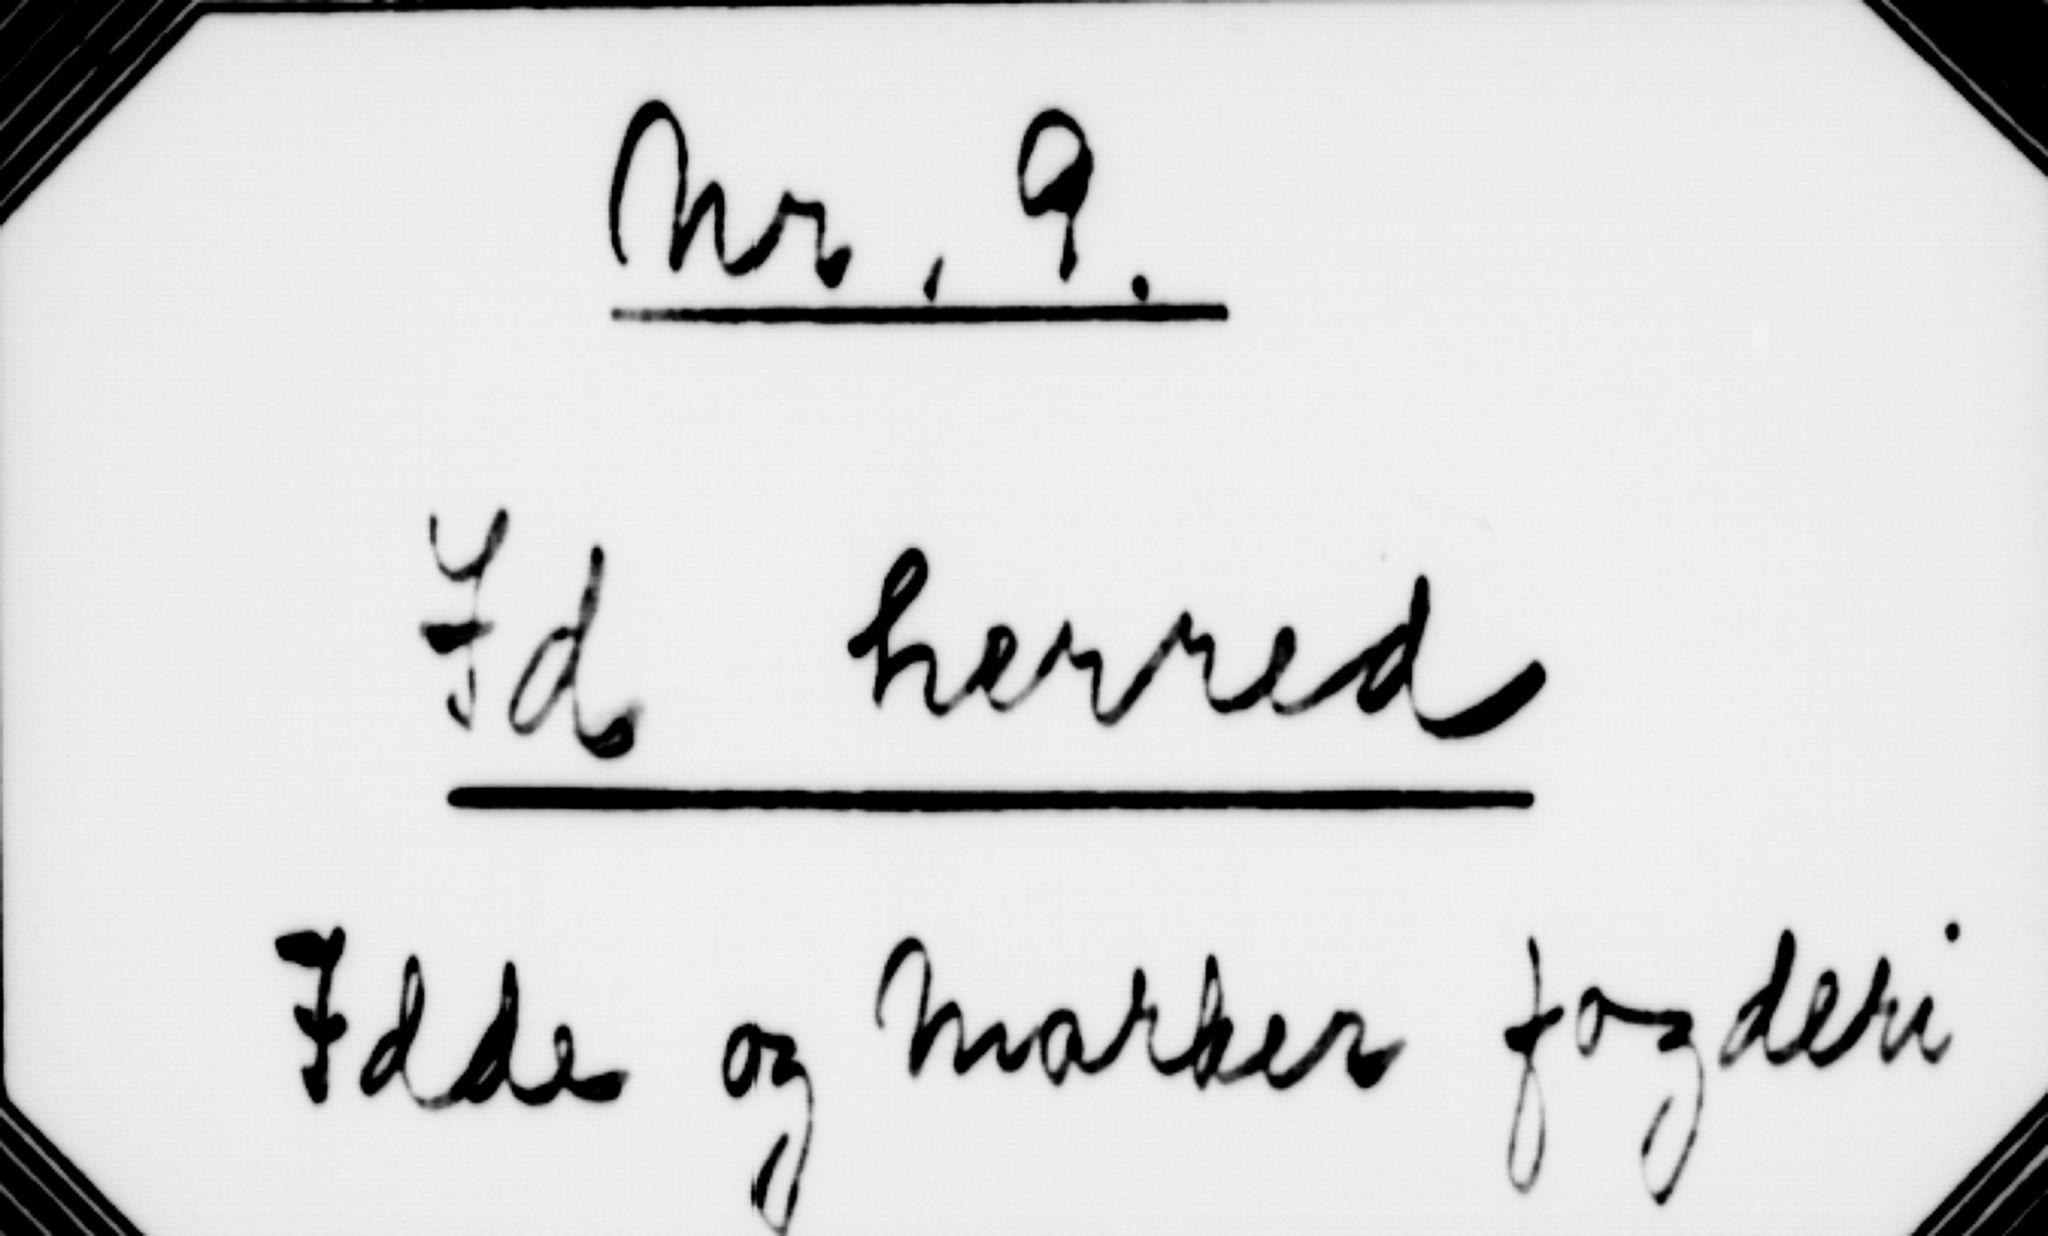 RA, Matrikkelrevisjonen av 1863, F/Fe/L0009: Idd, 1863